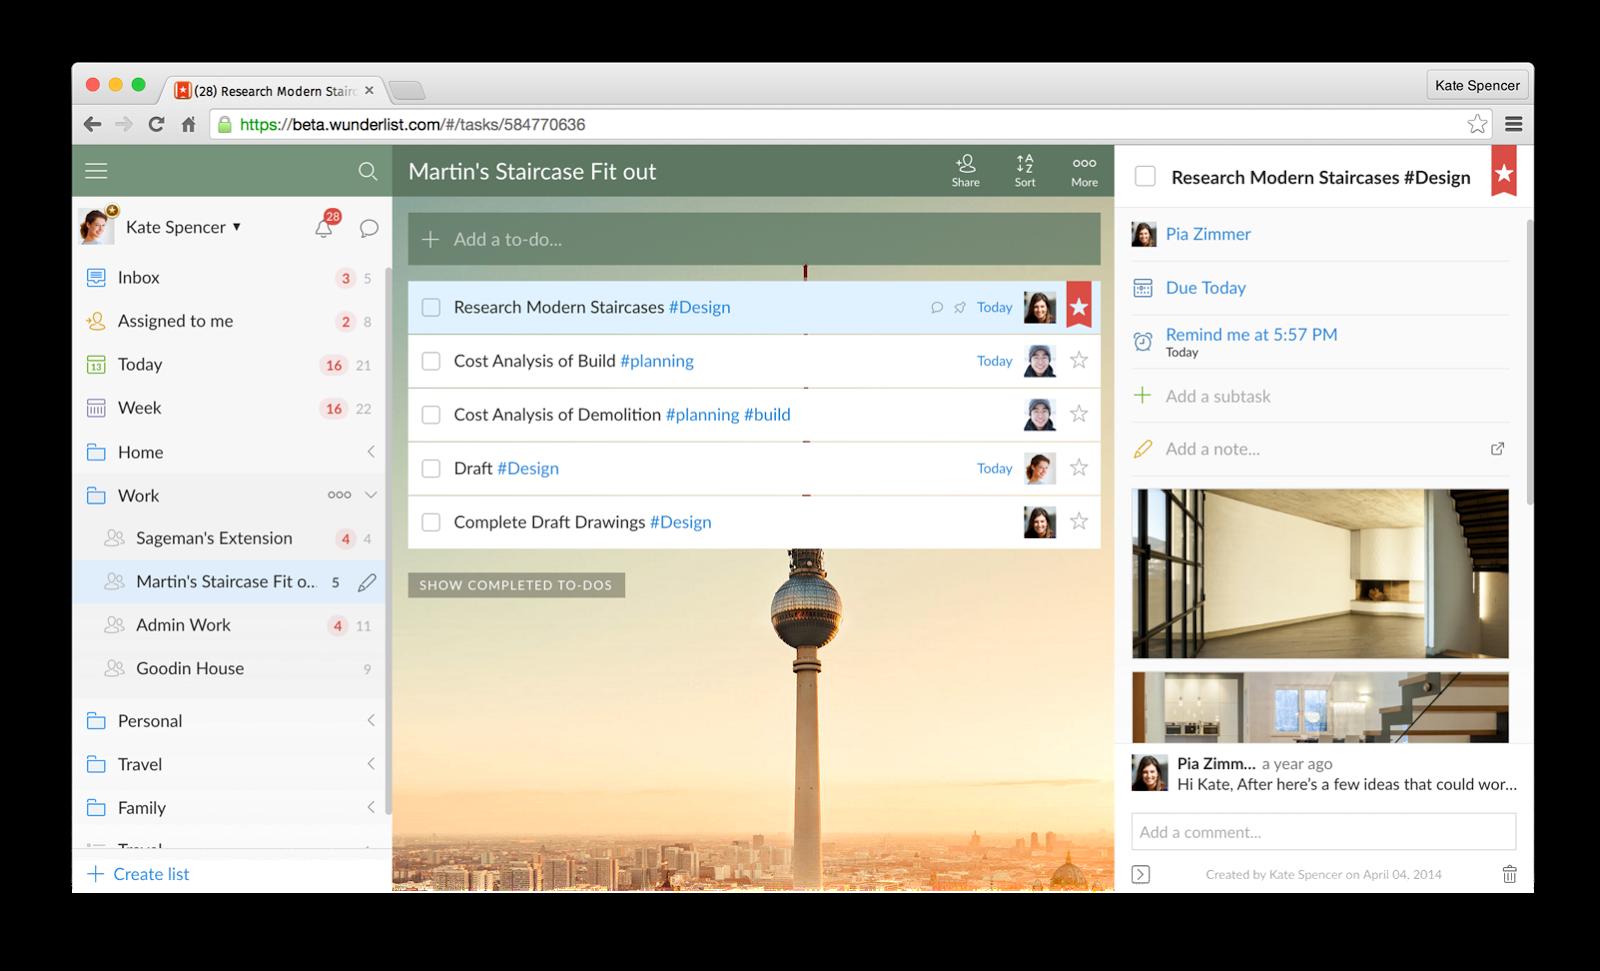 Interfaz de la herramienta de productividad Wunderlist